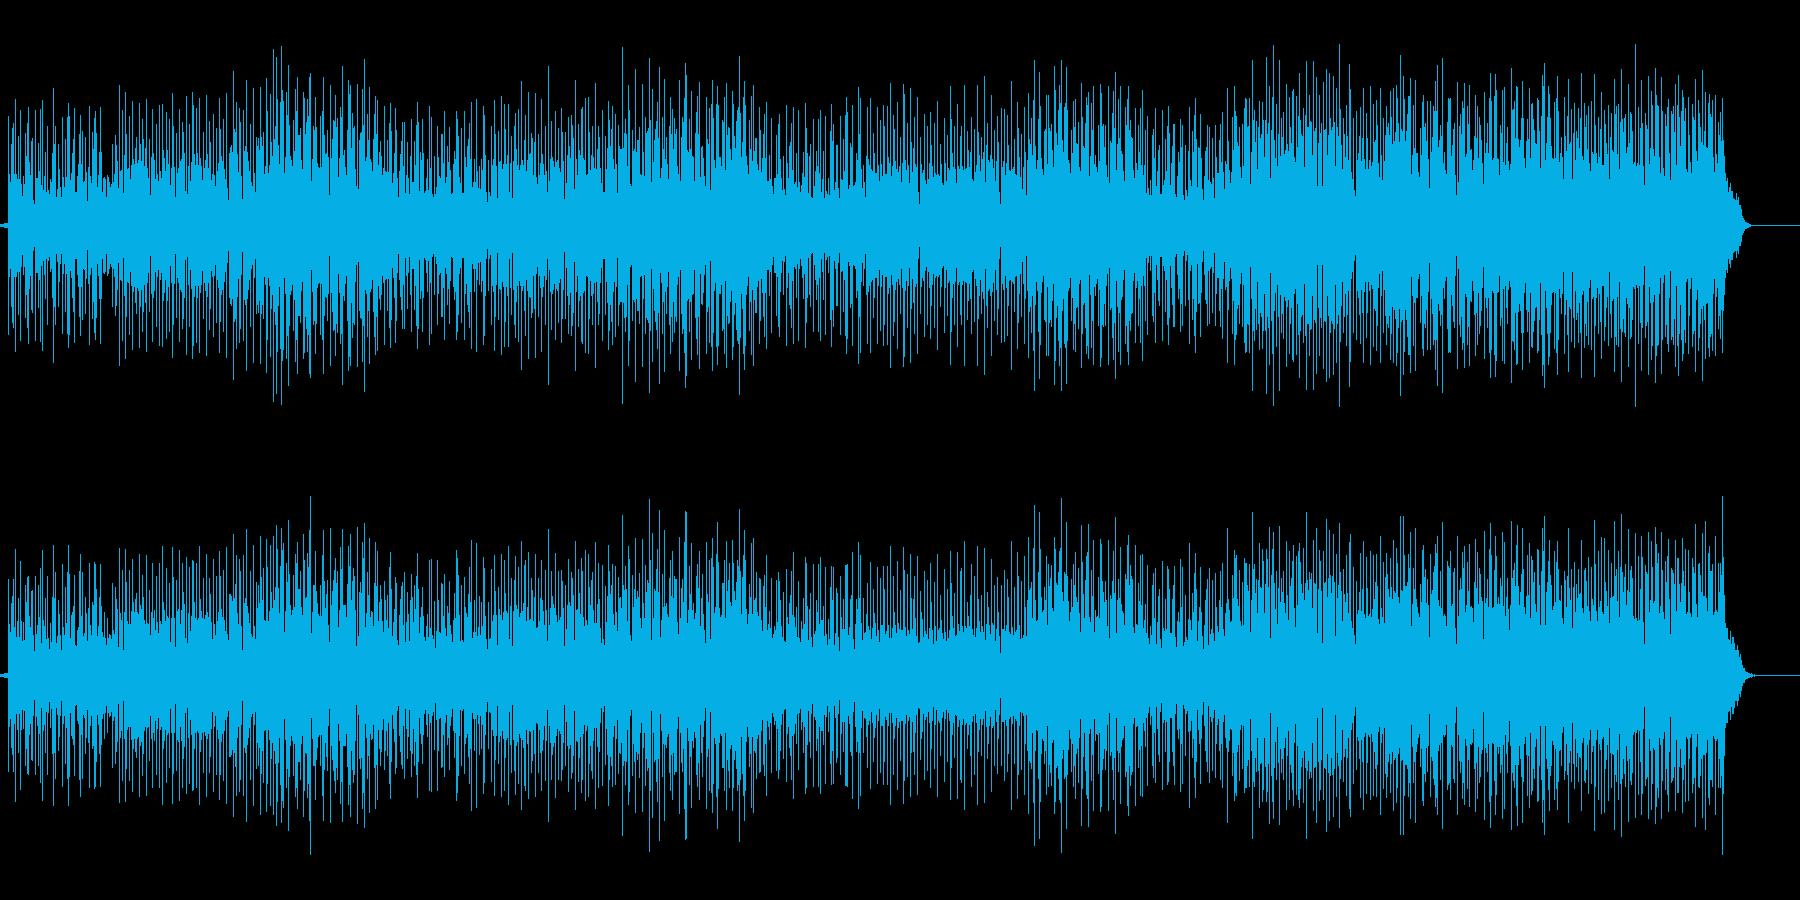 爽快なダンサンブルナンバー!ハイテンシ…の再生済みの波形